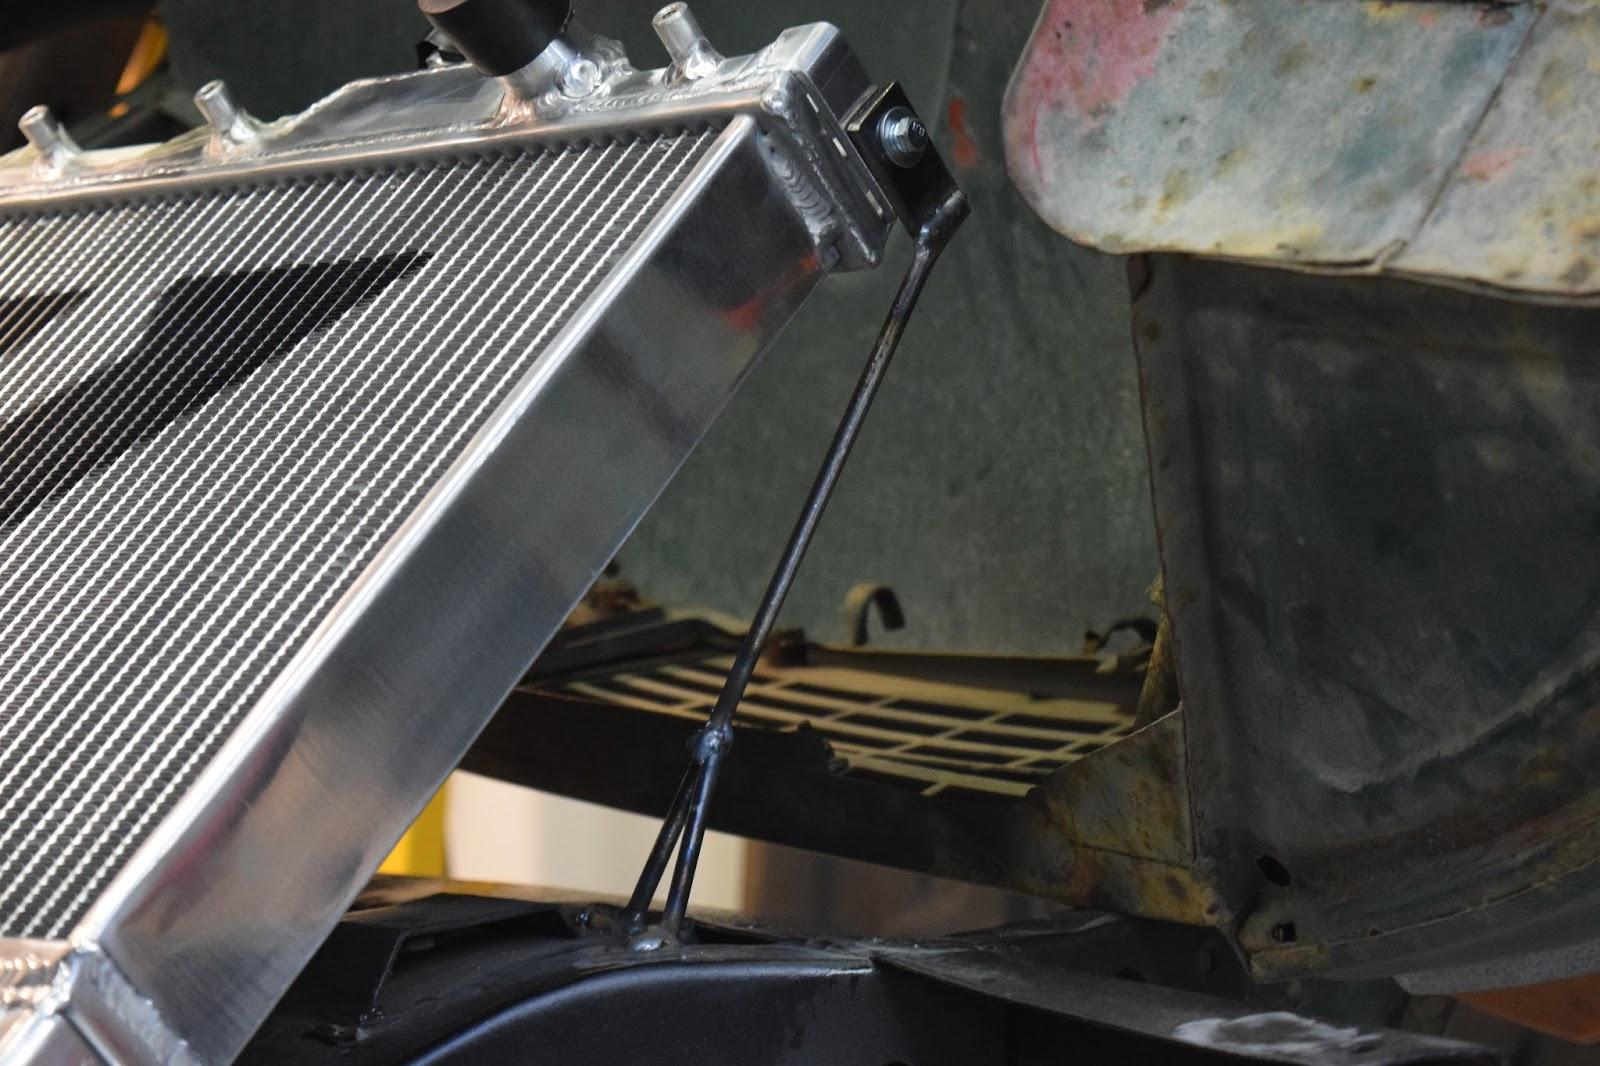 Blending Wheels and Mig Welders – GT6me